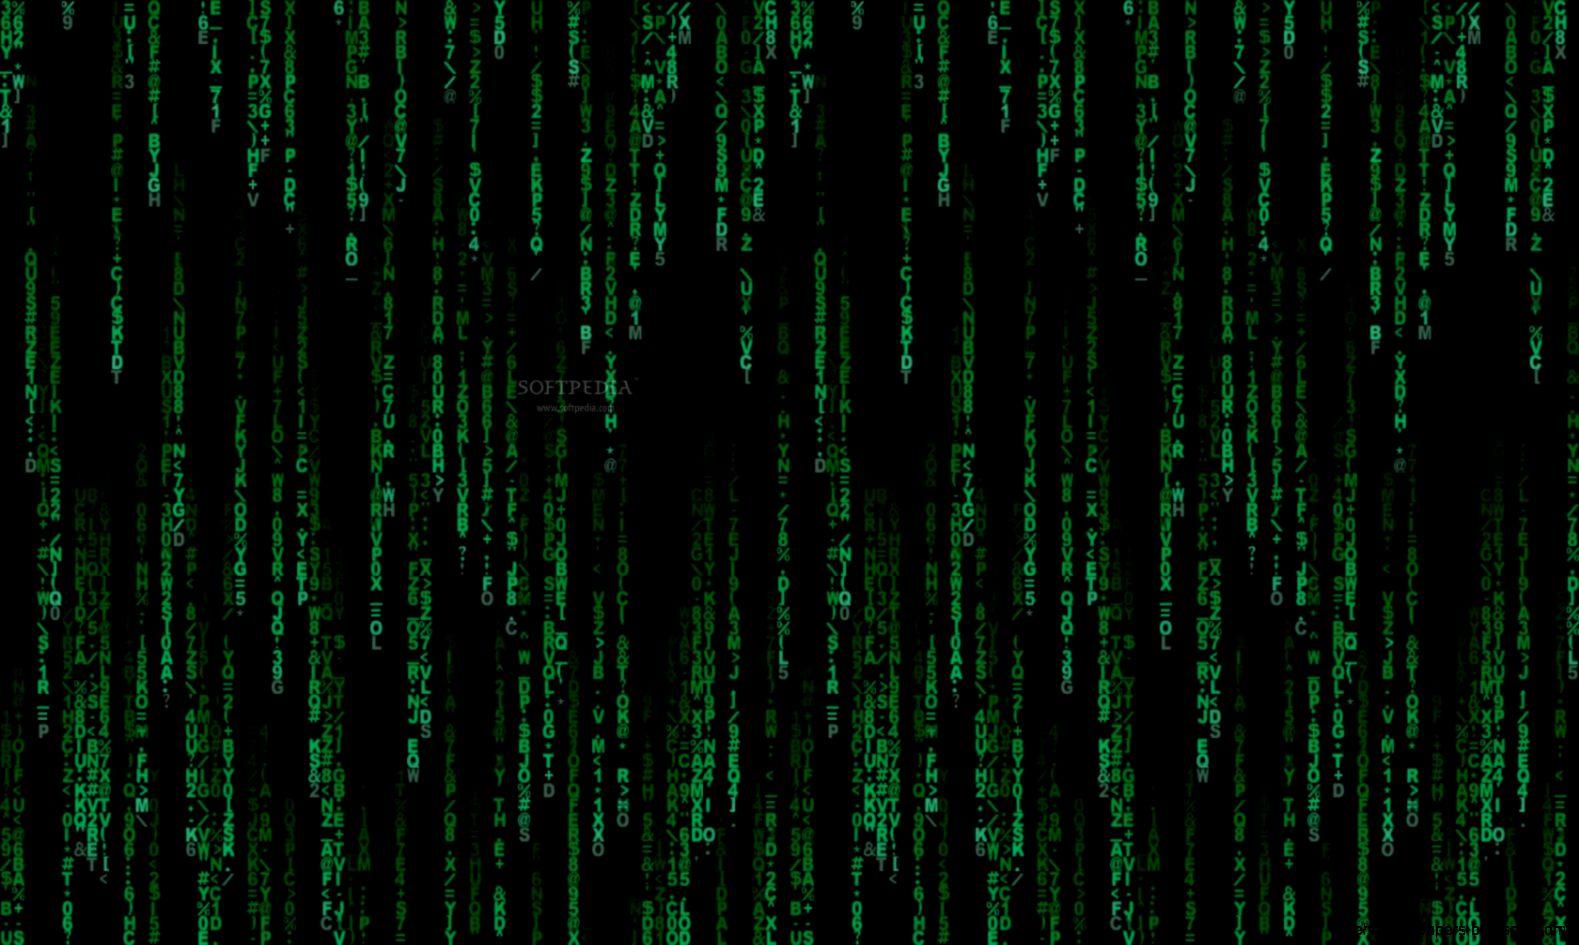 Moving Matrix Wallpaper Hd Wallpapers 1579x945